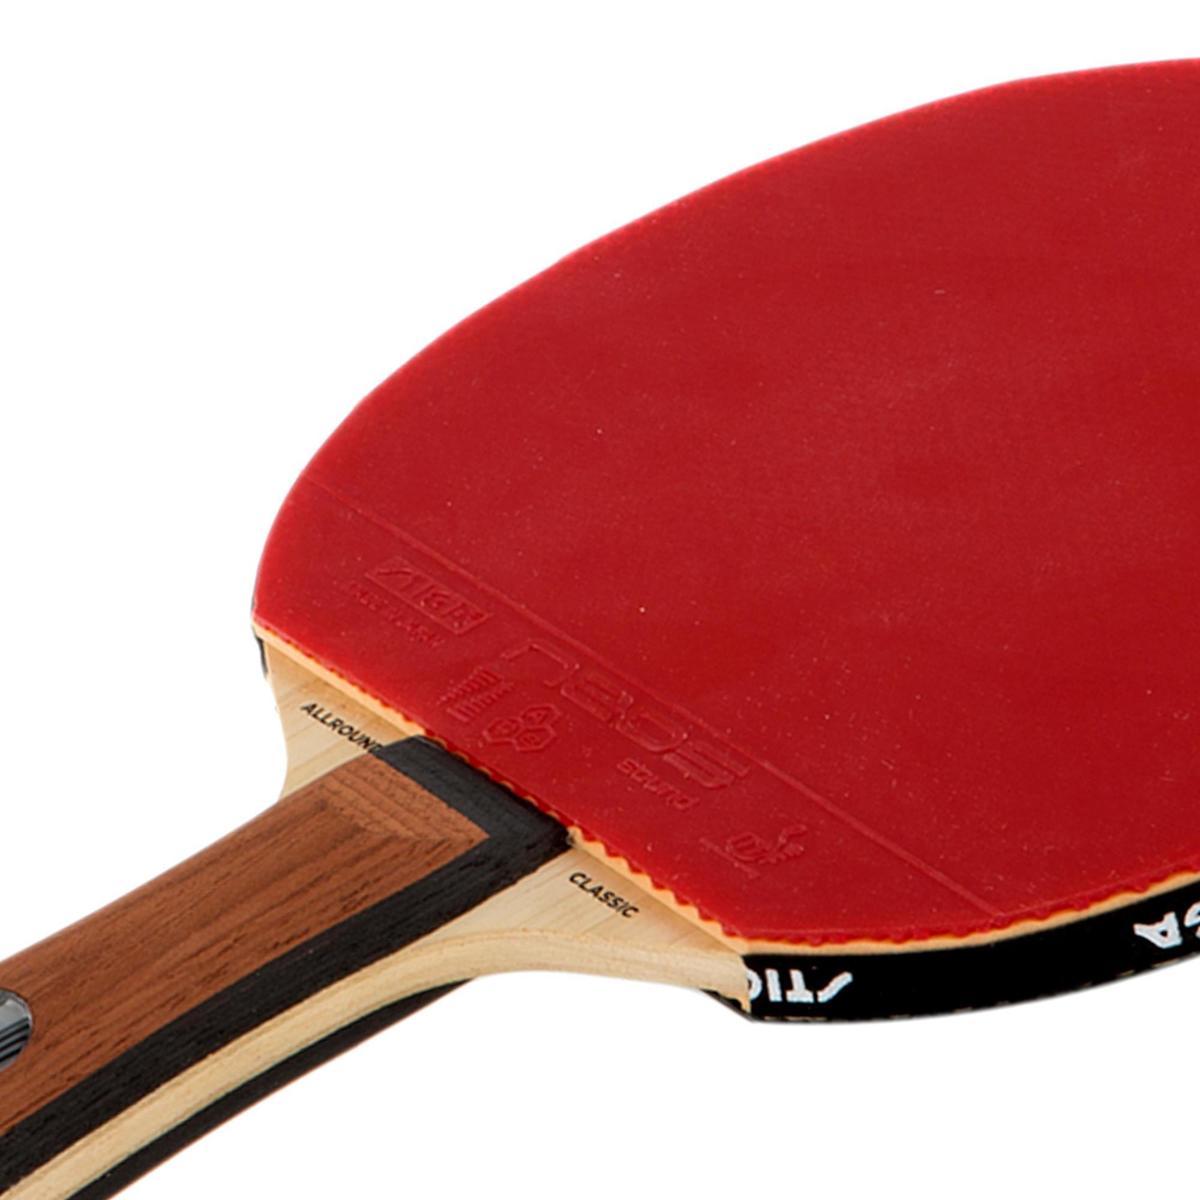 Bild 3 von Tischtennisschläger S Verein Wettkampf